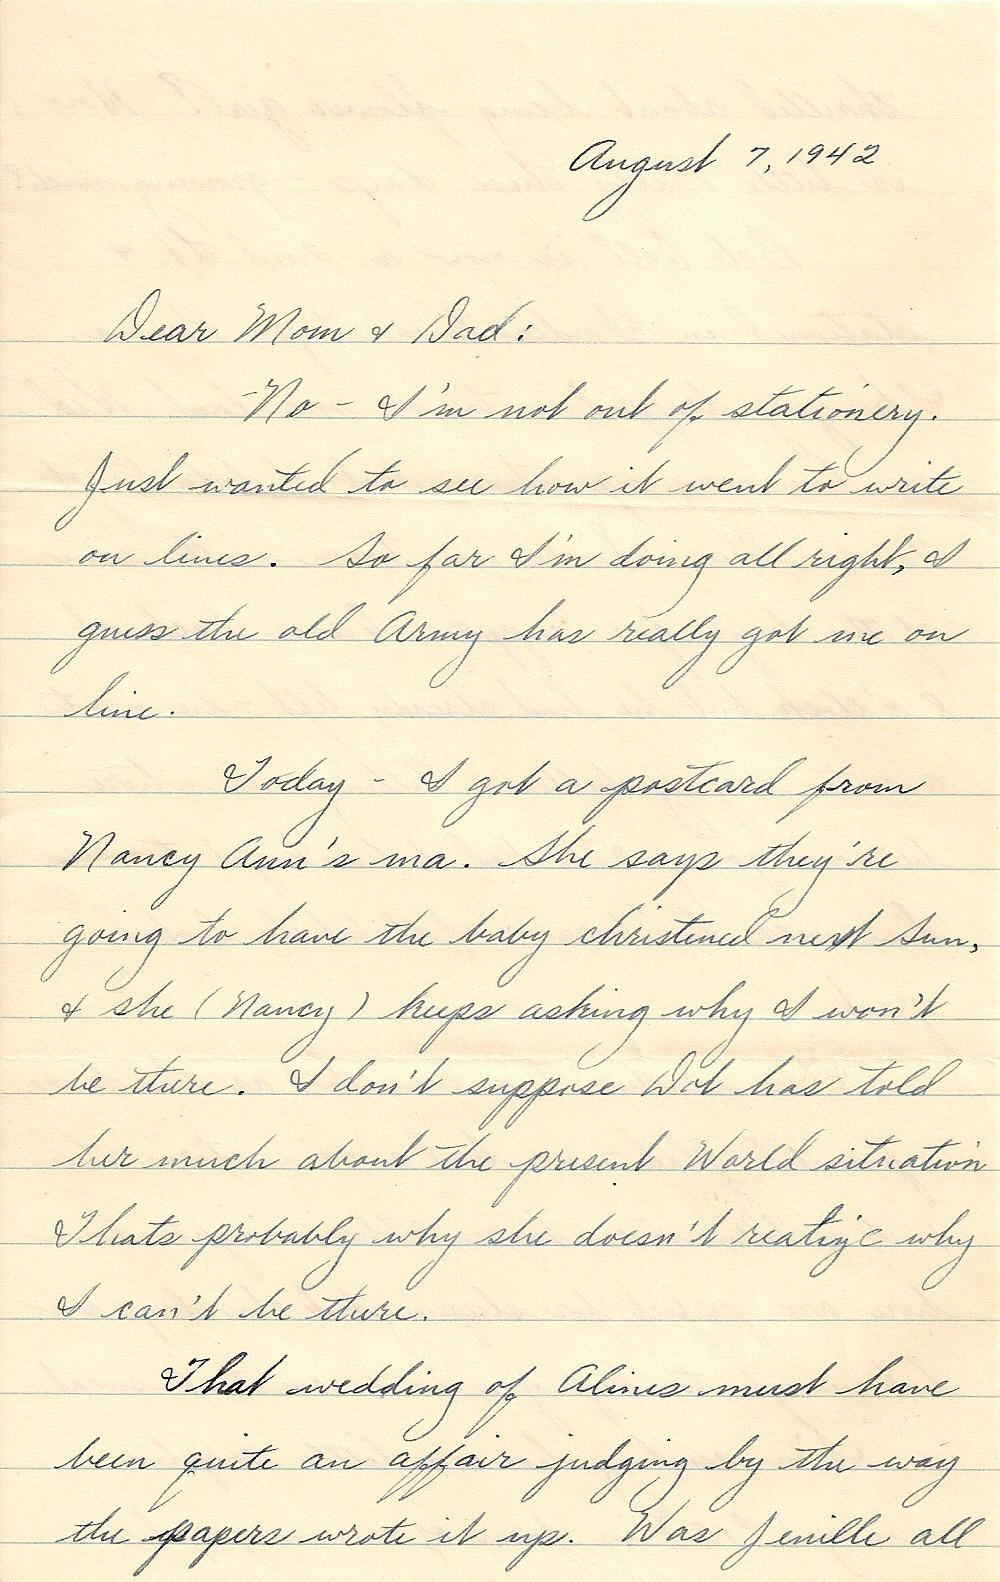 8.7.1942b.jpg